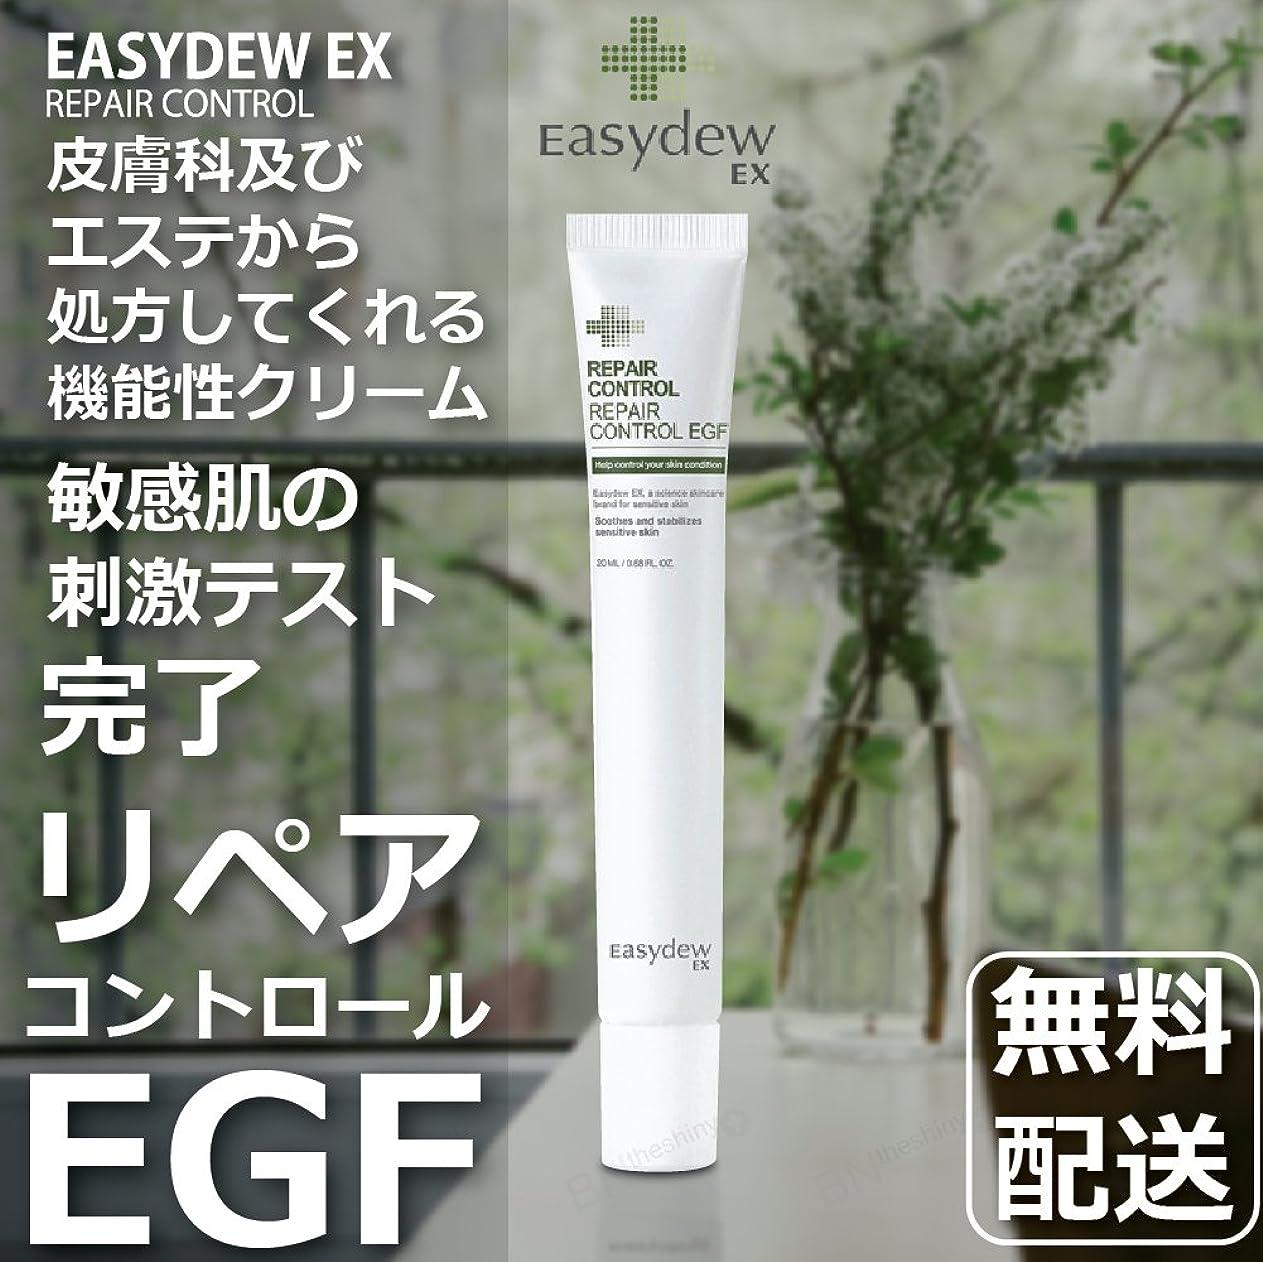 試用悪化させる薄いですデウン製薬 リペア コントロール EGF 20ml. Repair Control EGF 20ml.